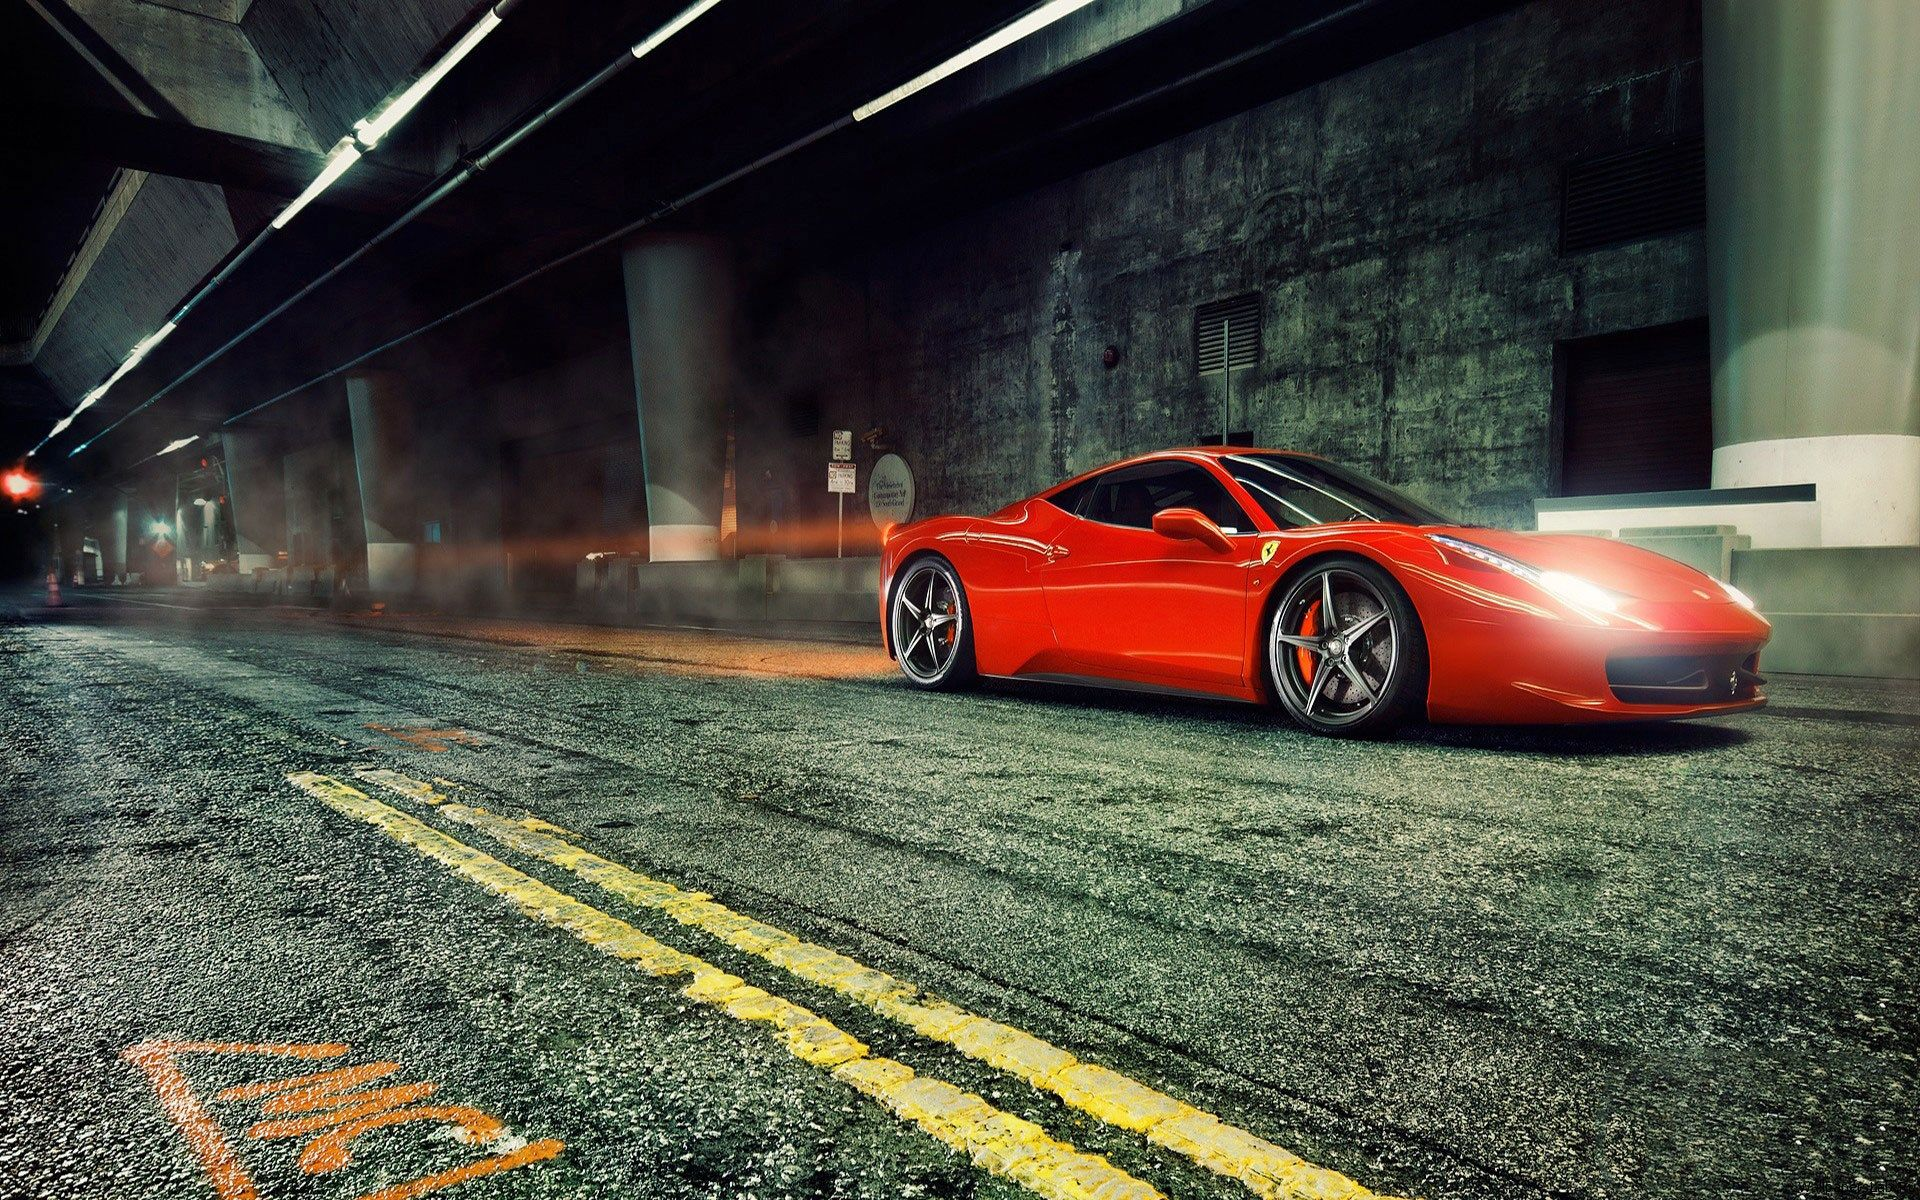 Ferrari 458 Italia Full HD Pictures 1920x1200